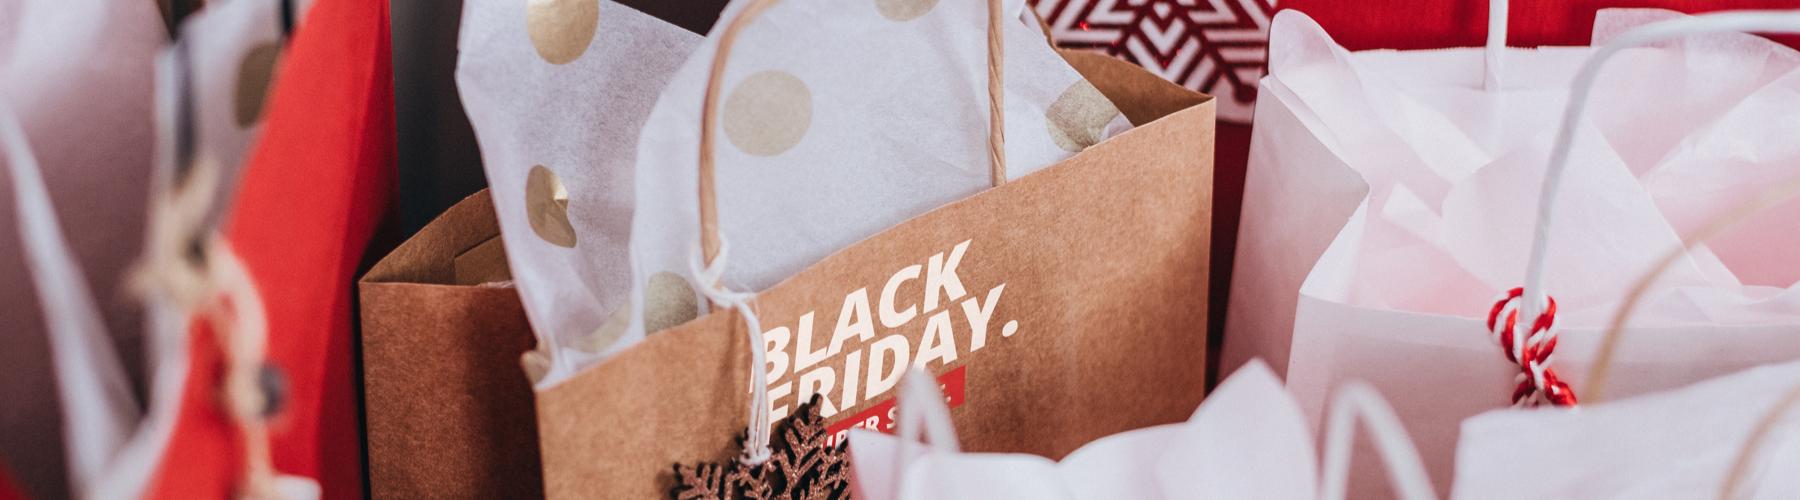 10 Ideas para la Campaña de Black Friday